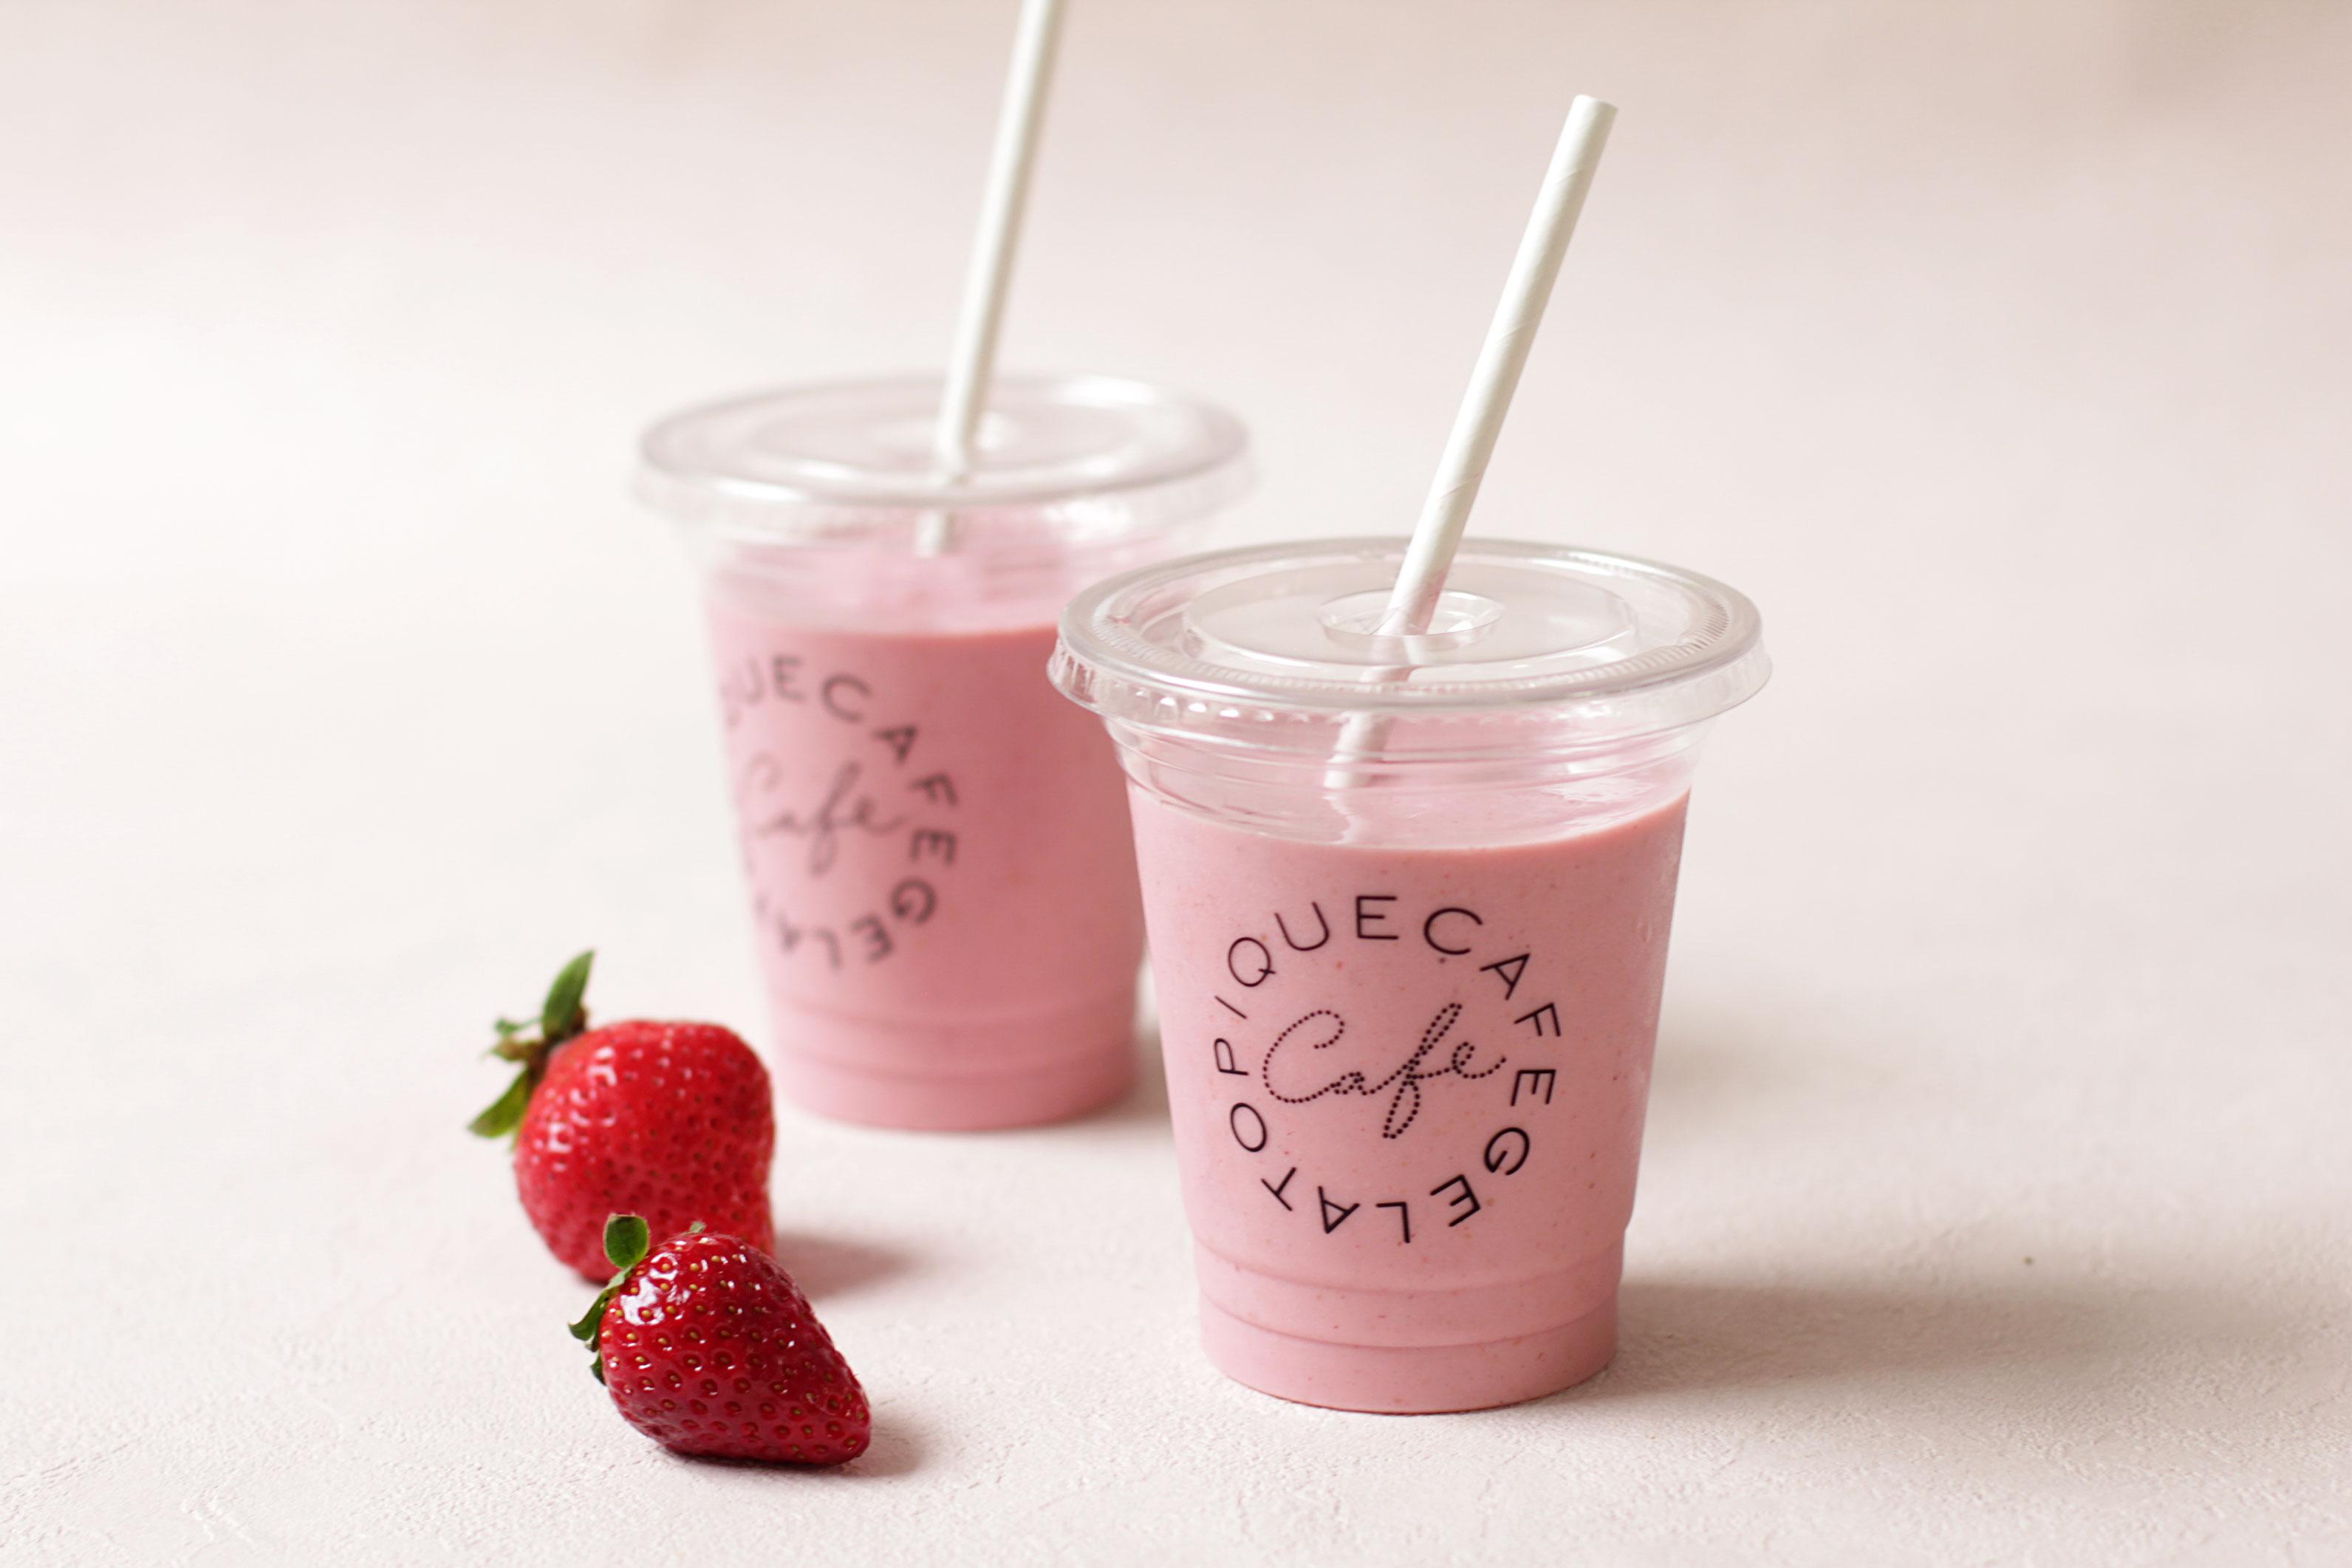 gelato-pique-cafe-%e3%81%84%e3%81%a1%e3%81%94%e3%83%95%e3%82%a7%e3%82%a2-strawberry-fair-%e5%92%96%e5%95%a1%e5%ba%97%e8%8d%89%e8%8e%93%e7%af%80_3